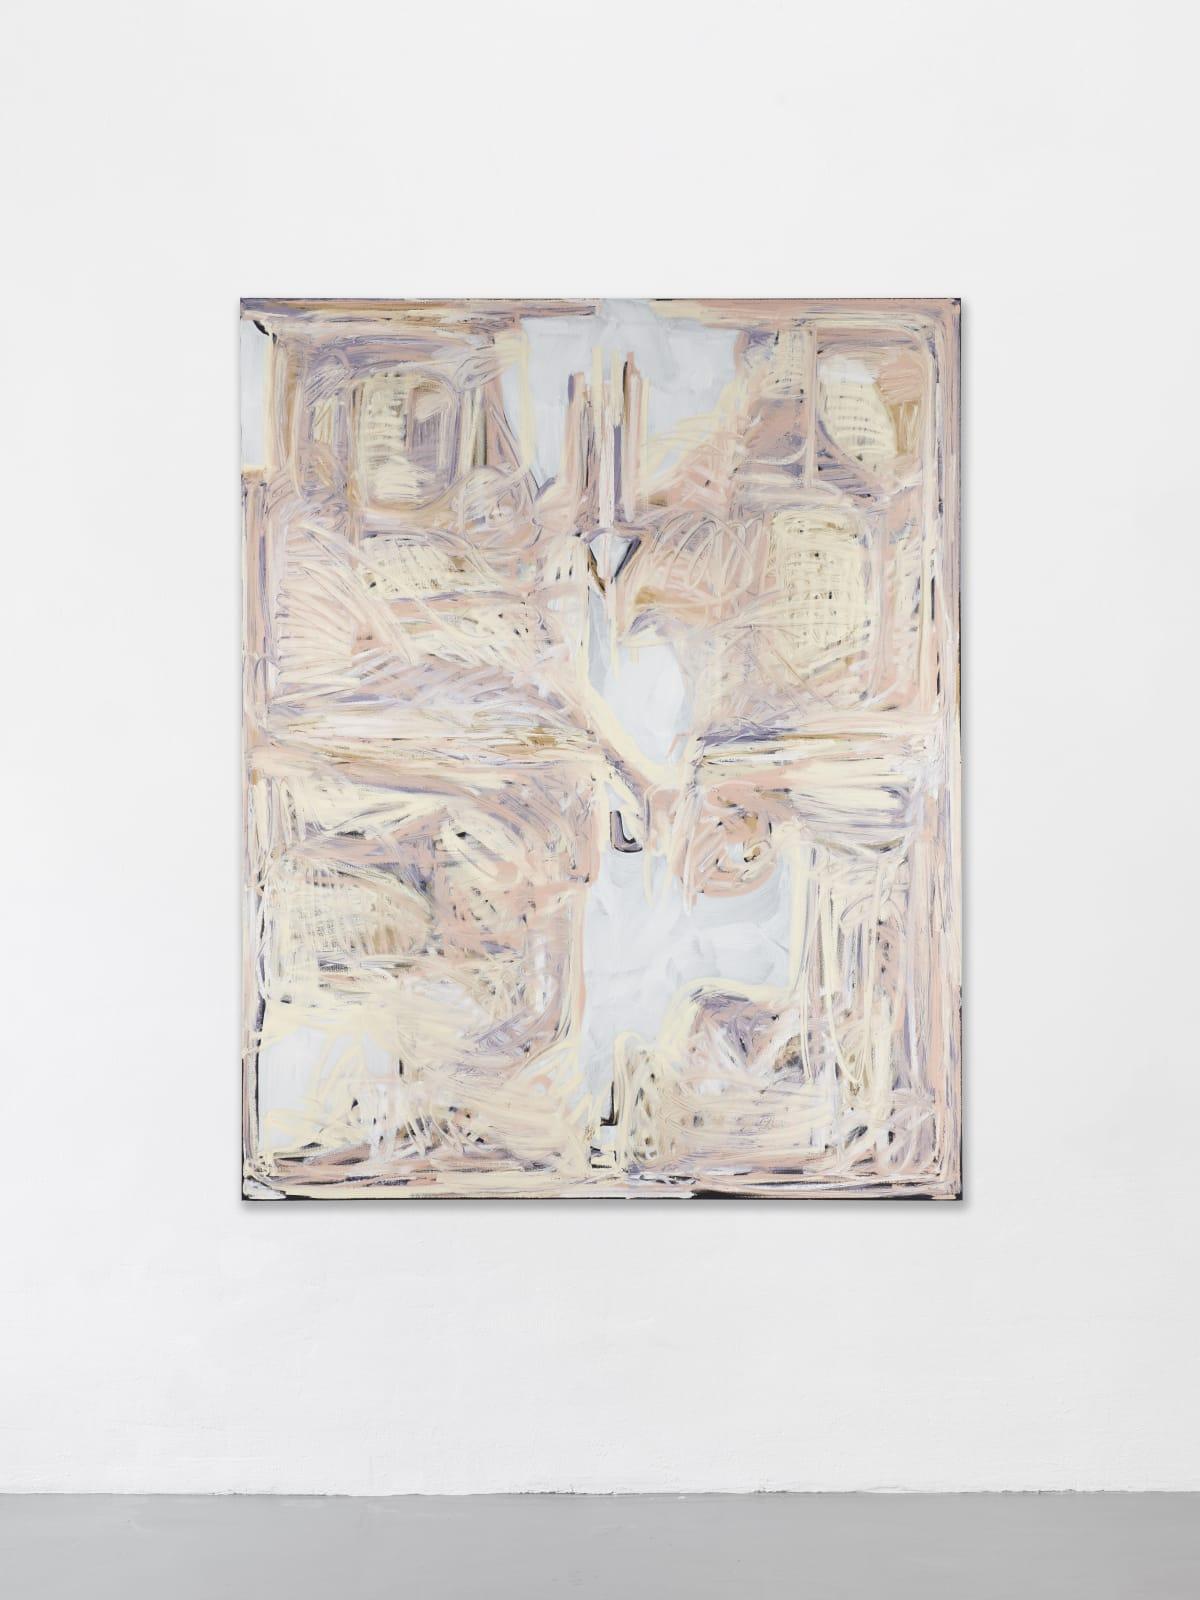 Melike Kara, KARS Border, 2020, oil stick and acrylic on canvas, 150x200 cm